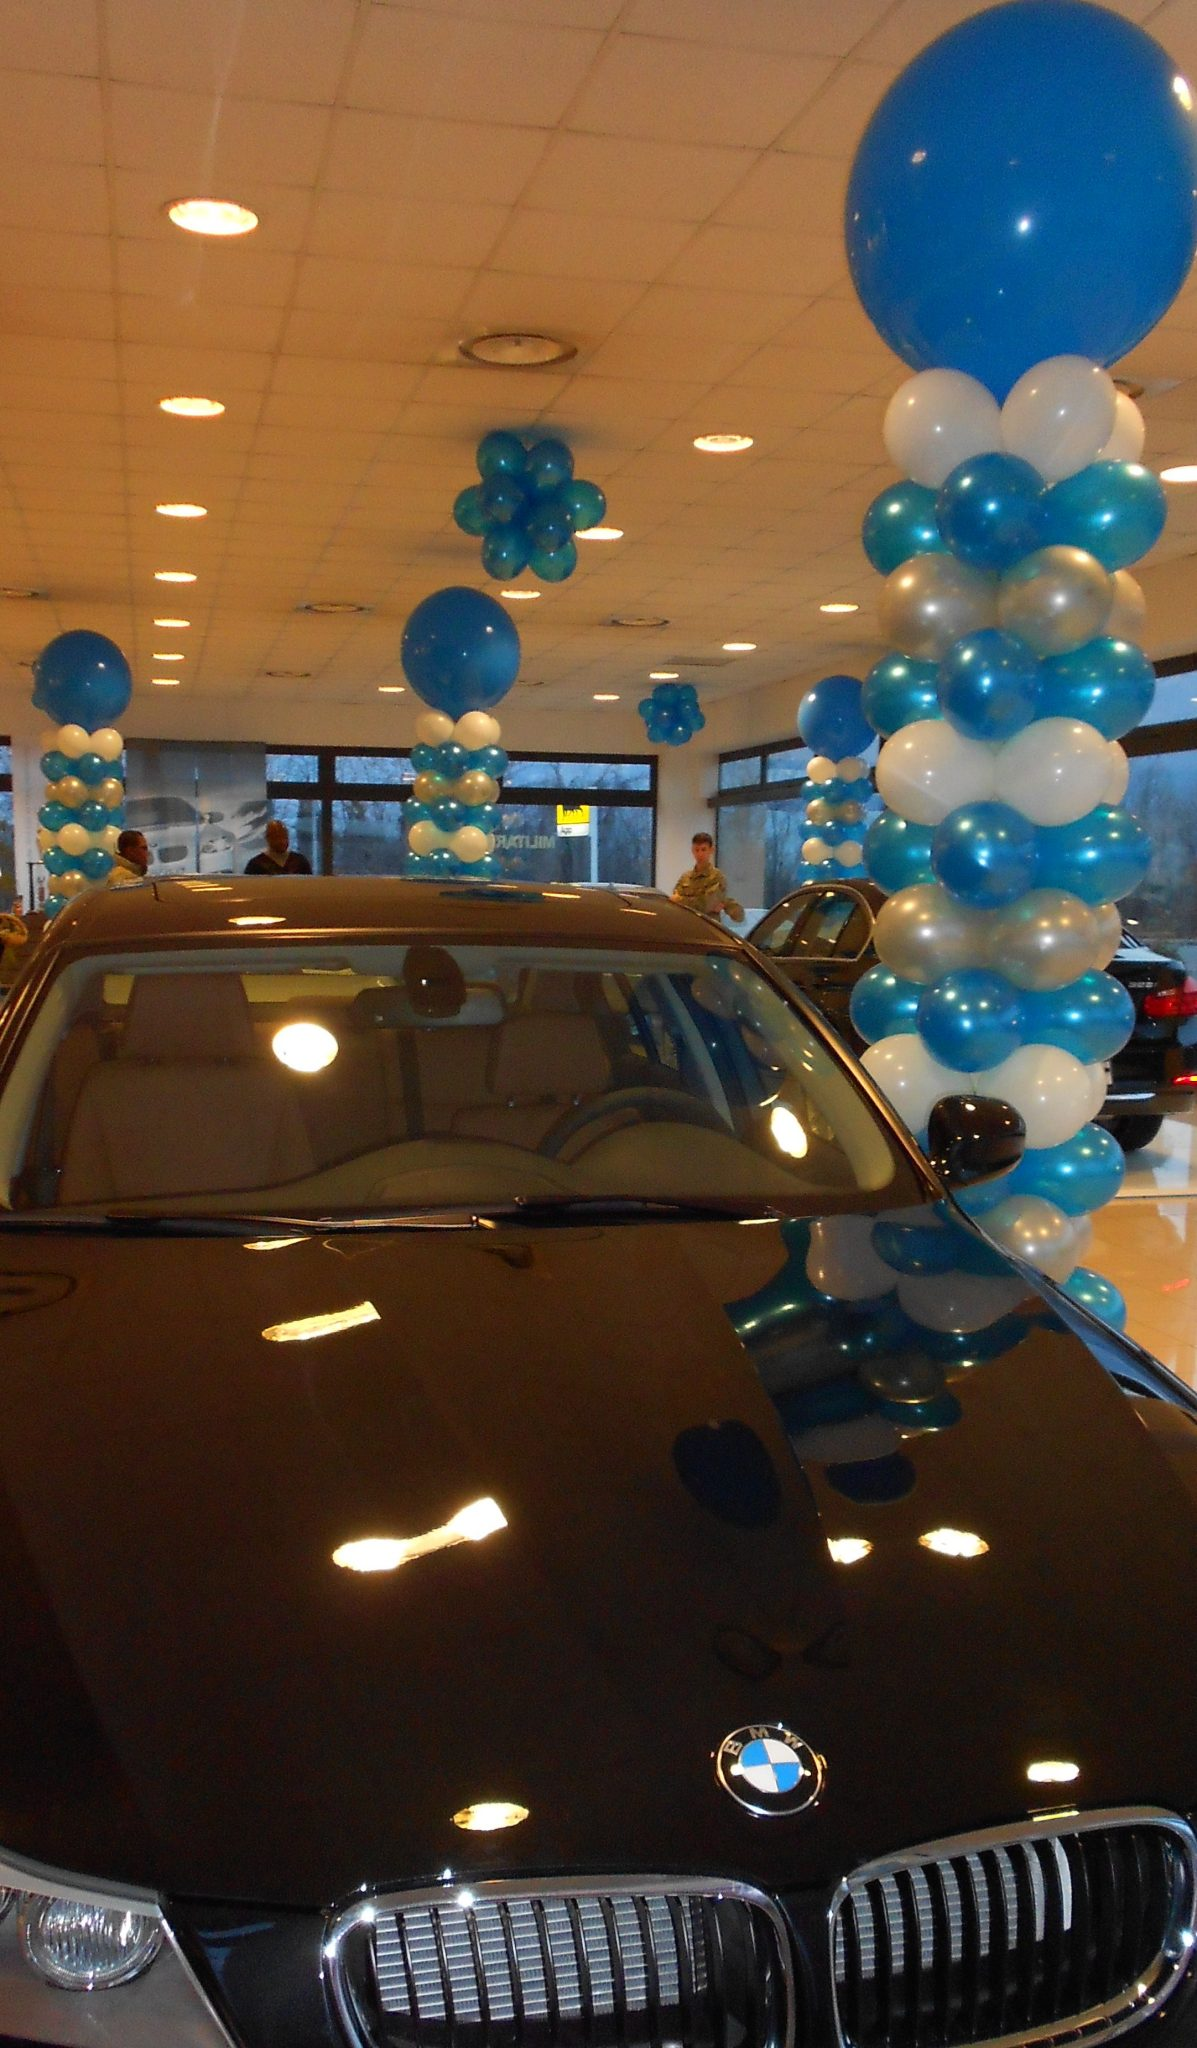 Allestimenti con palloncini stampati per il Lancio nuova BMW serie 3 alla Concessionaria Pentagon ad Aviano Pordenone